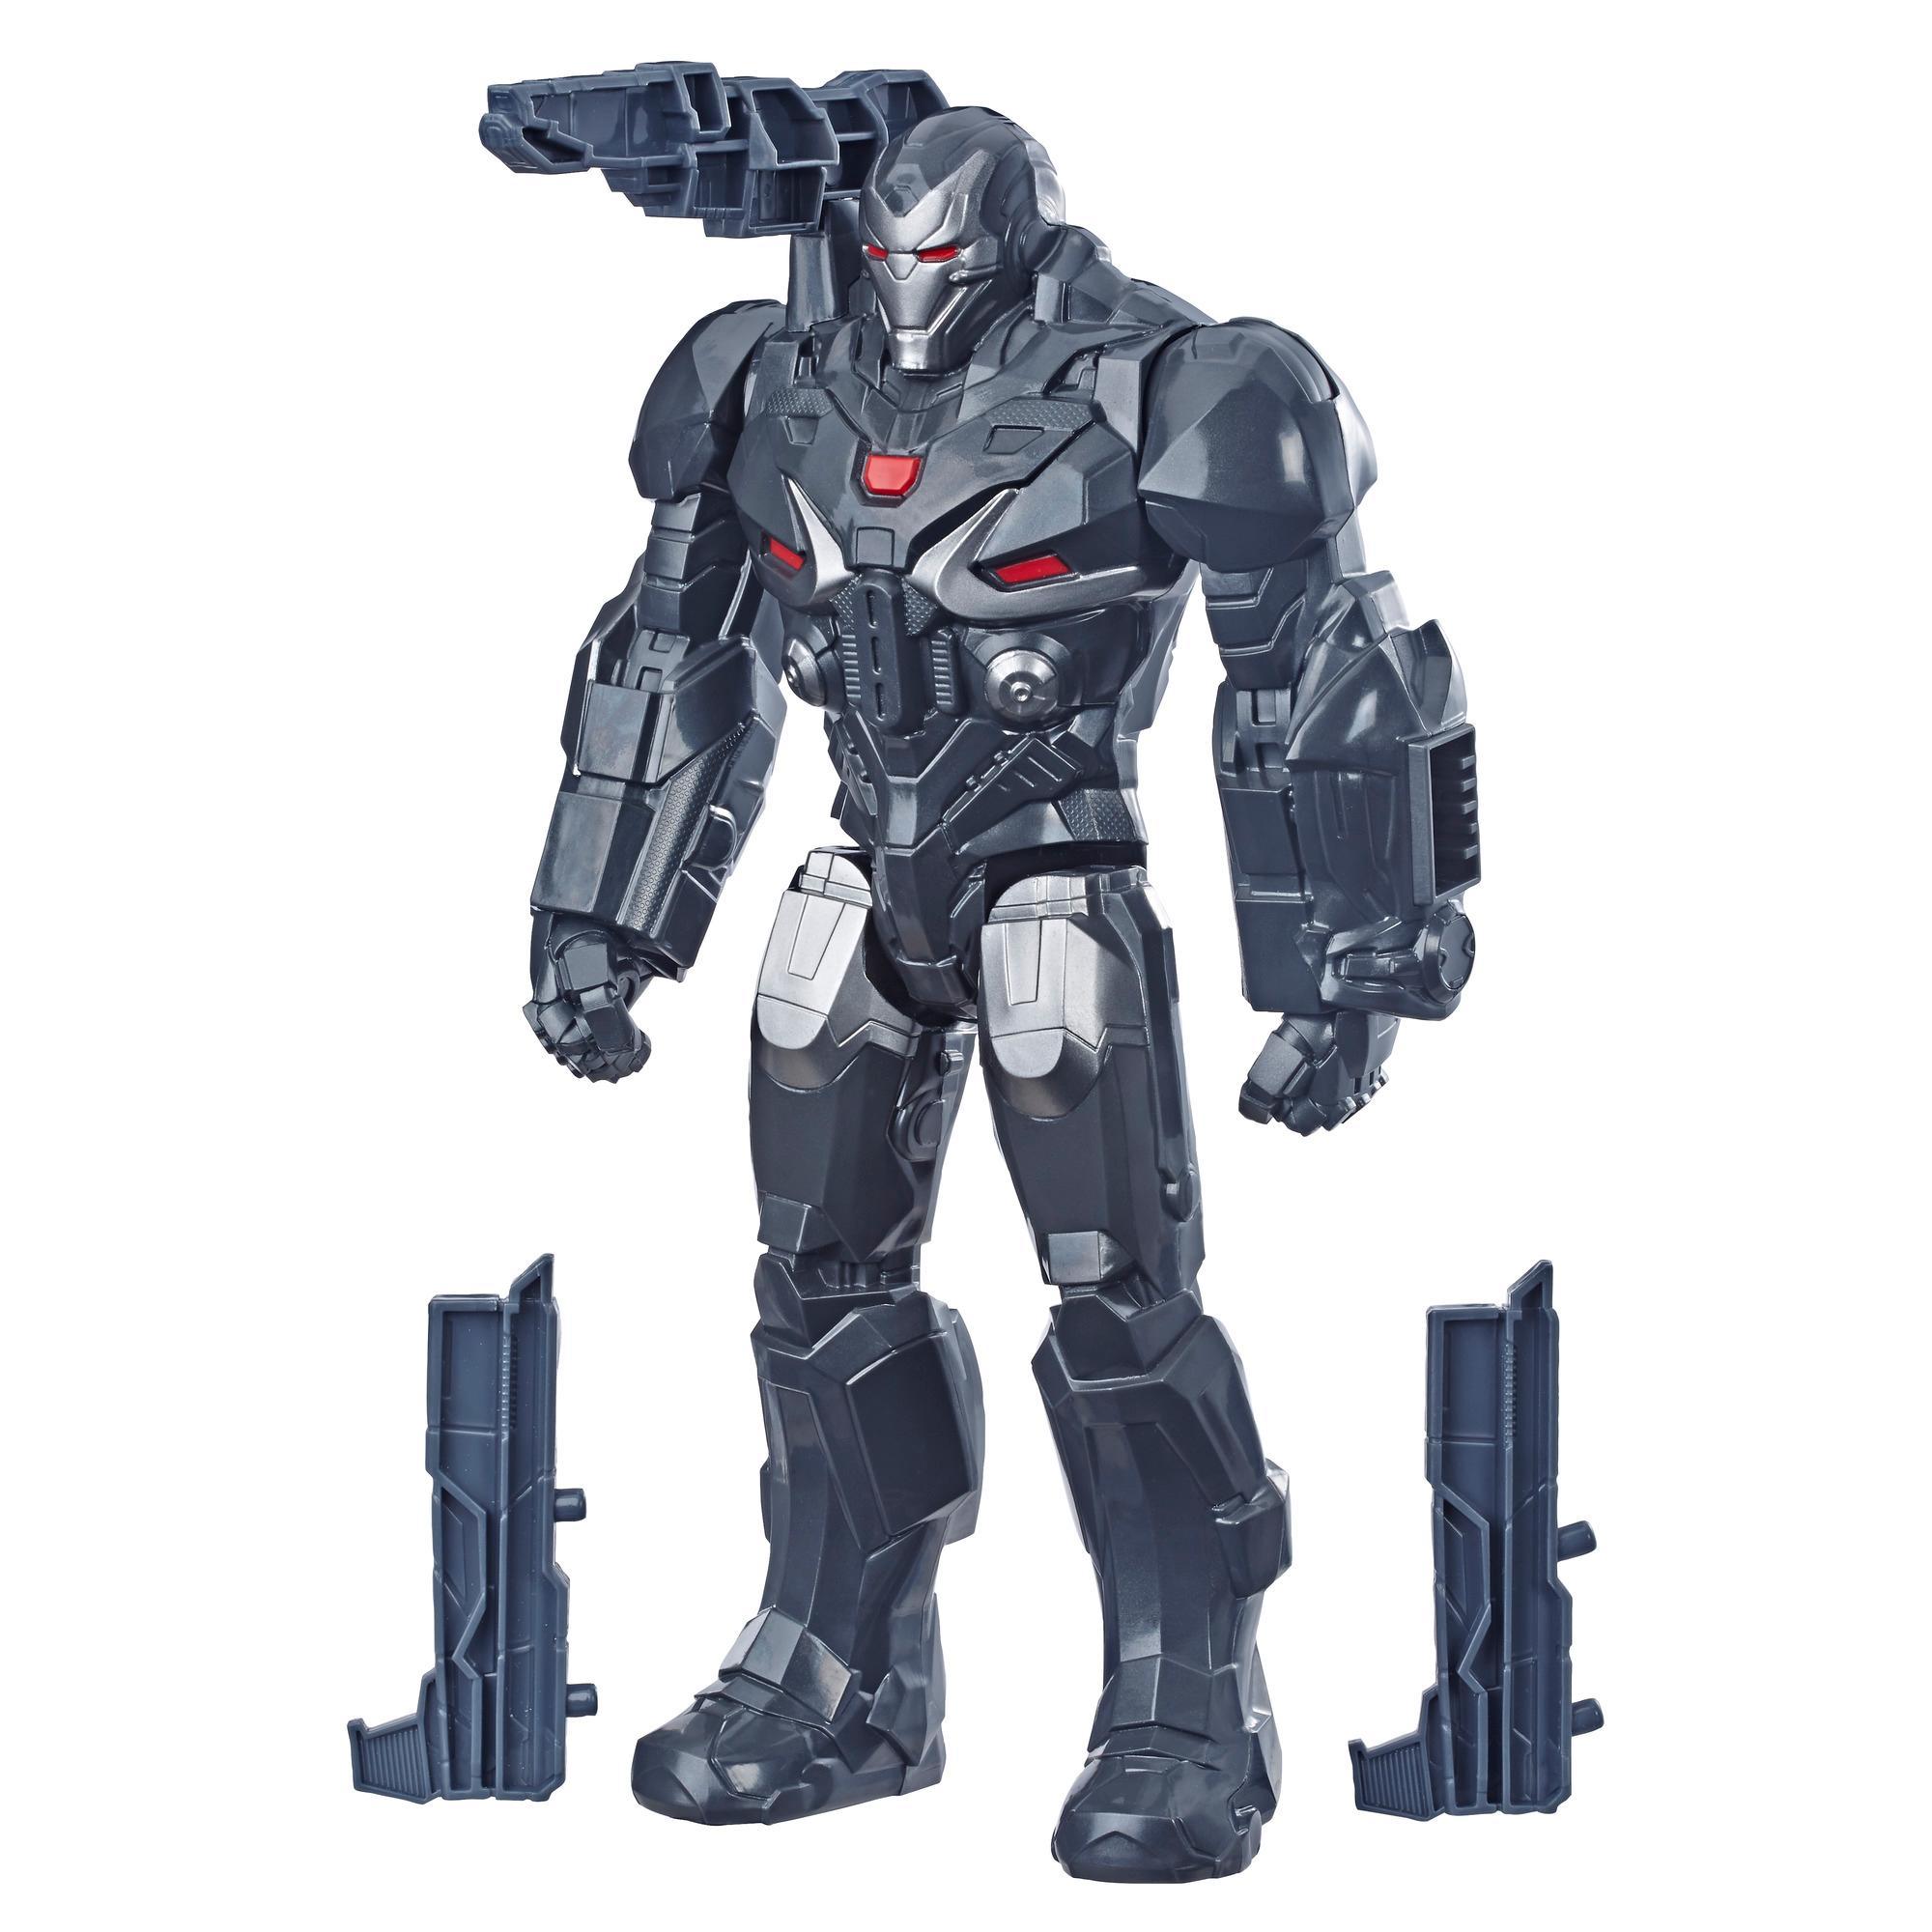 Marvel Avengers: Endgame - War Machine Titan Hero Deluxe compatibile con Power FX (Action Figure da 30 cm, Power FX non incluso)